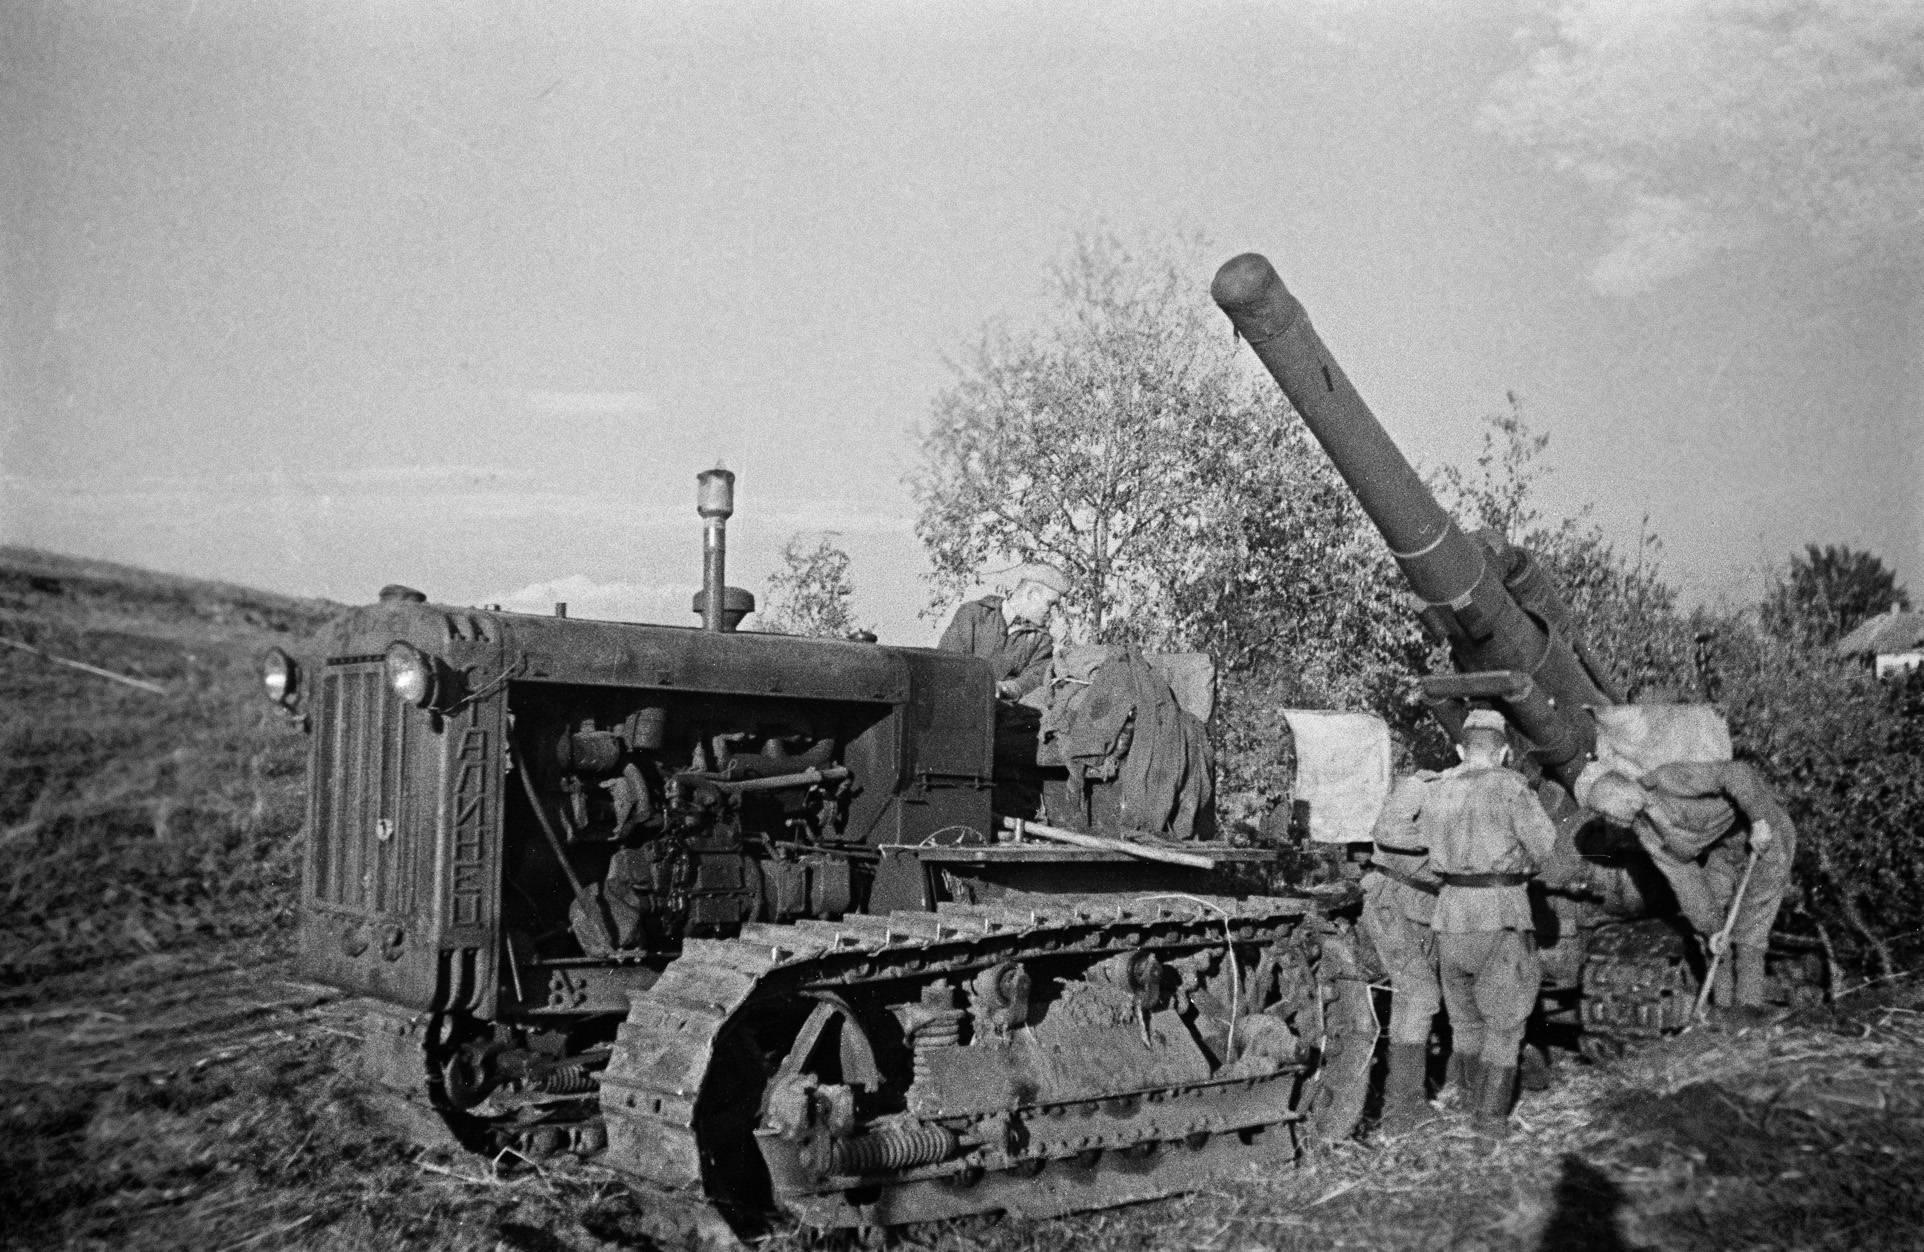 203-мм гаубица б-4 образца 1931 года фото. видео. устройство